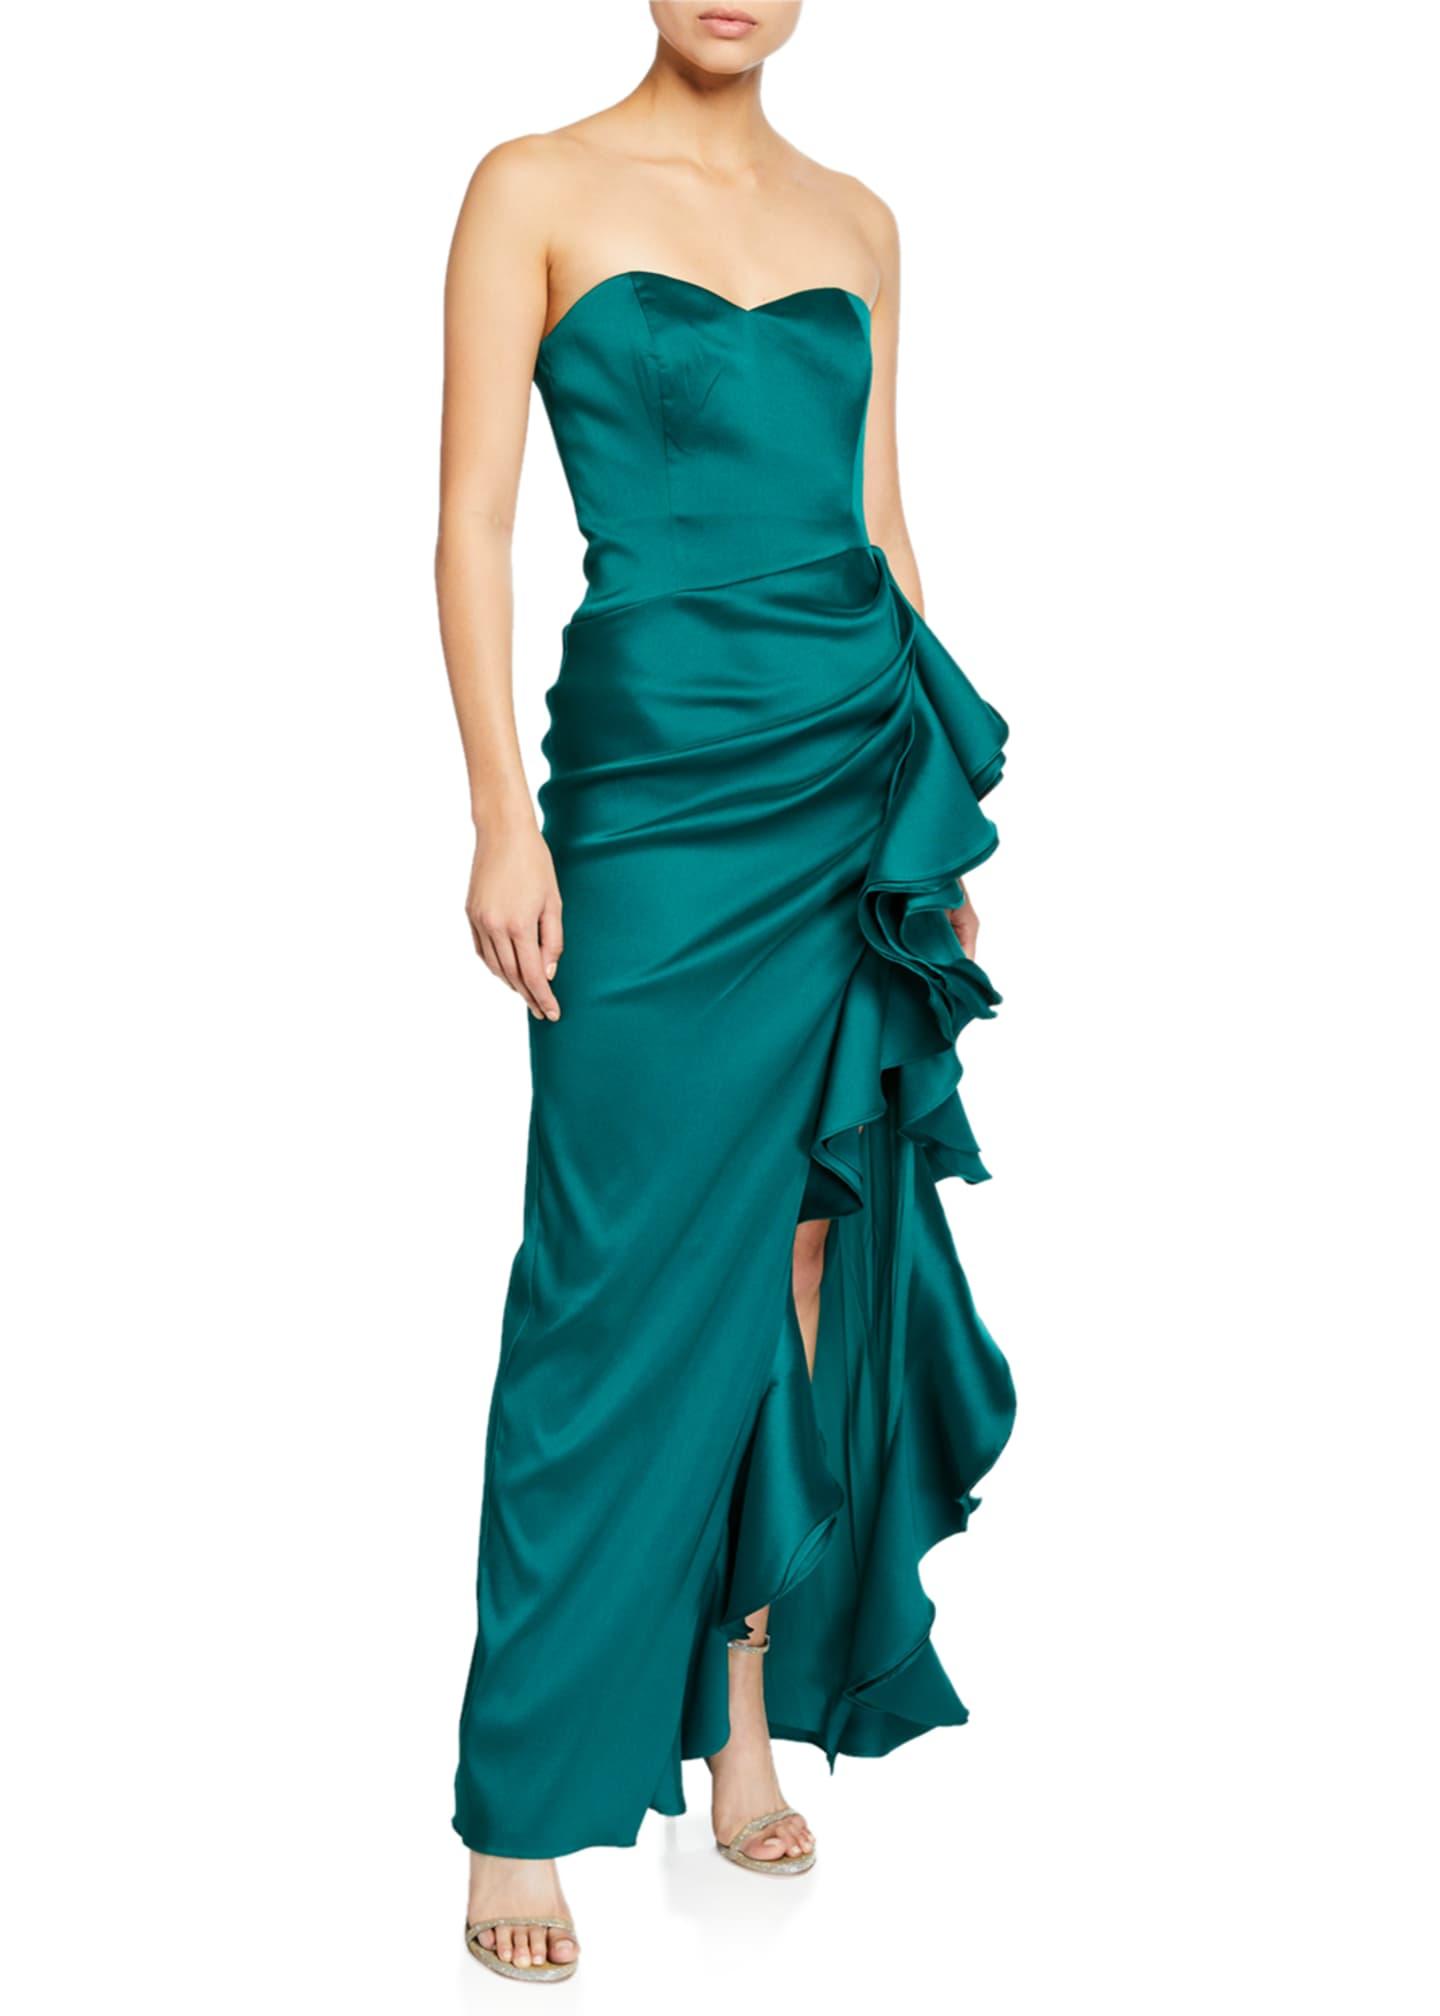 Badgley Mischka Collection Strapless Column Gown w/ Bustier